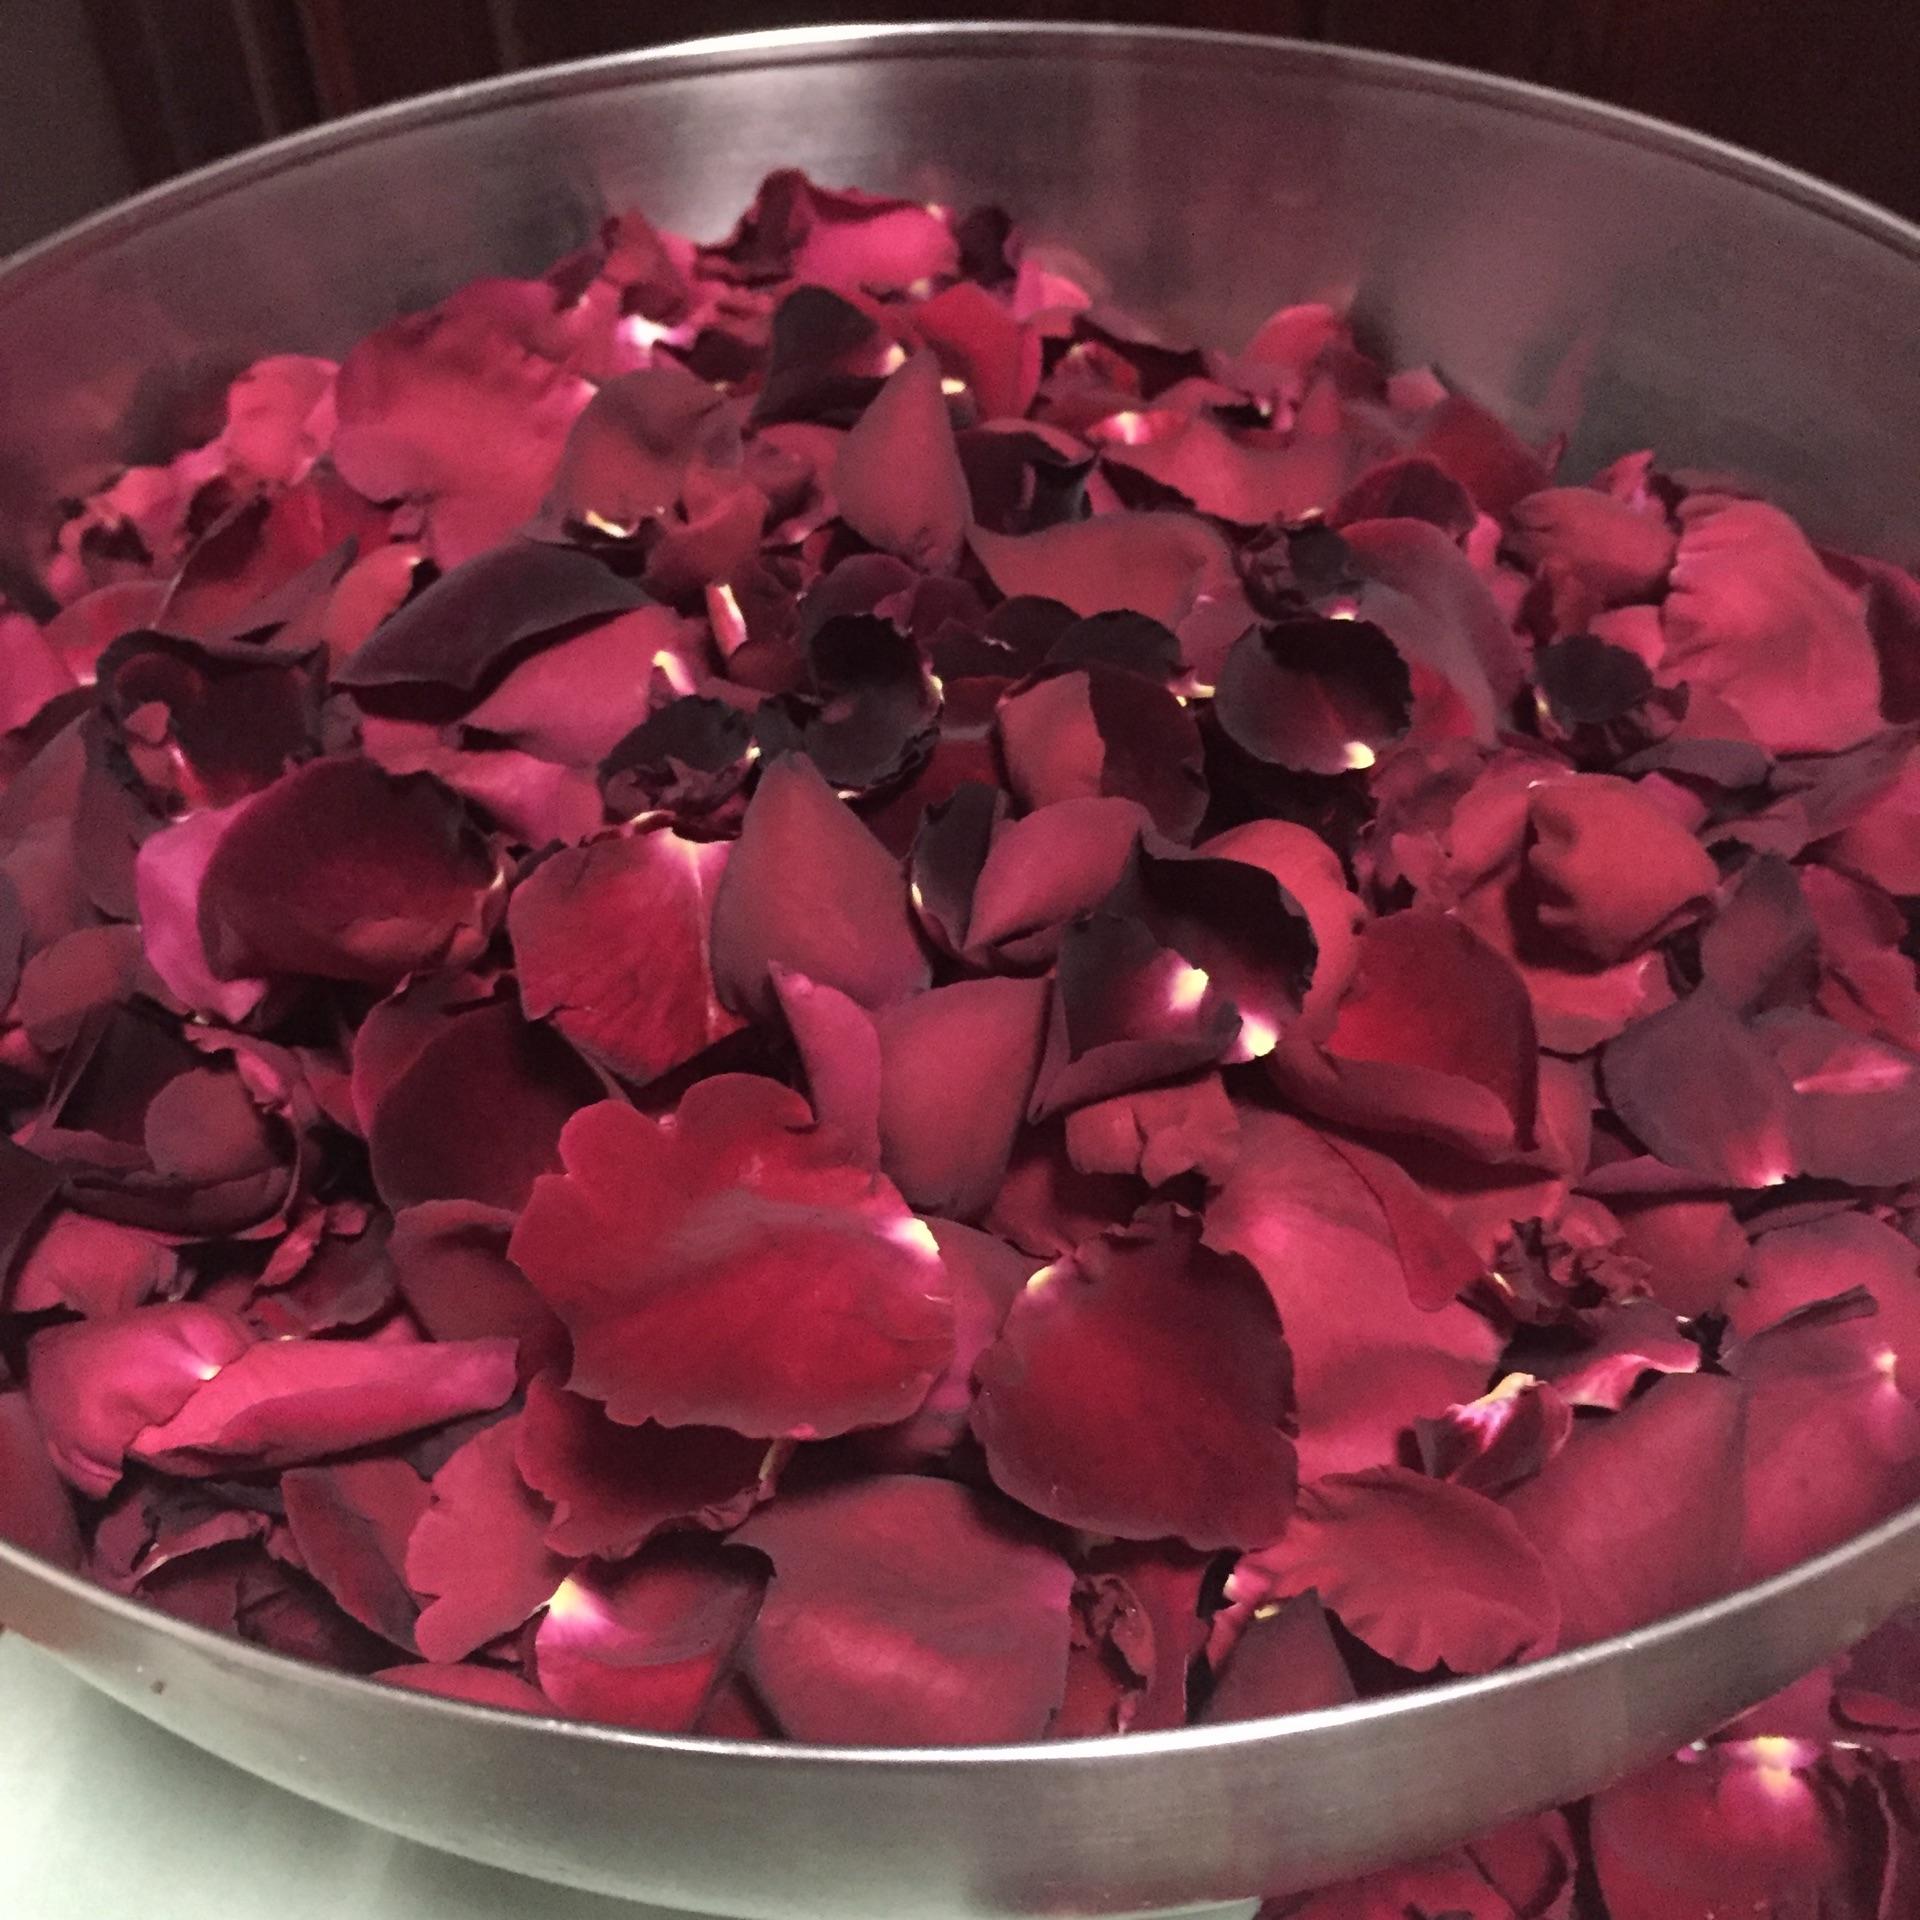 养生美颜玫瑰酱的做法步骤